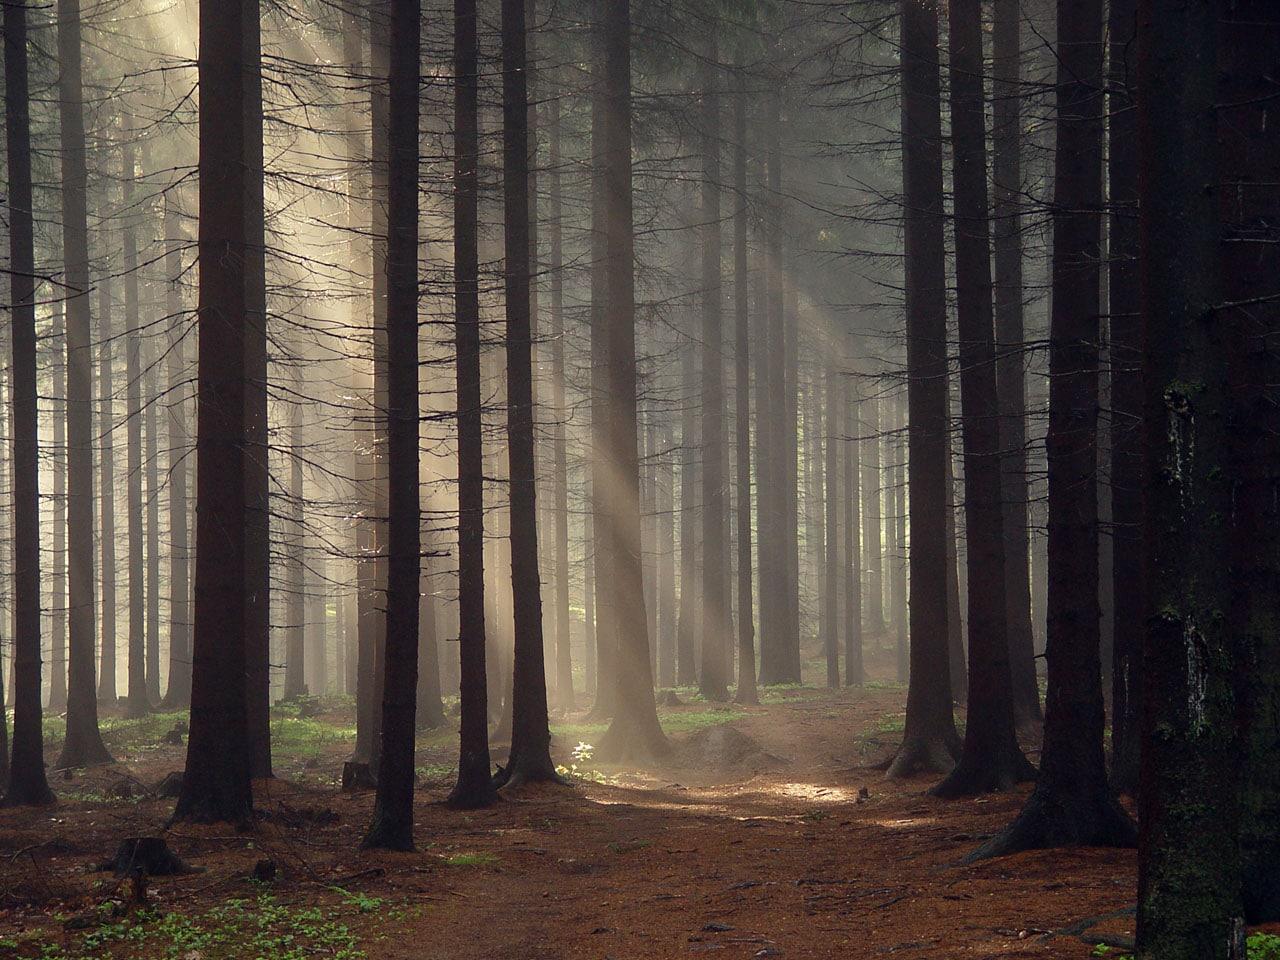 Cool desktop background, forest images